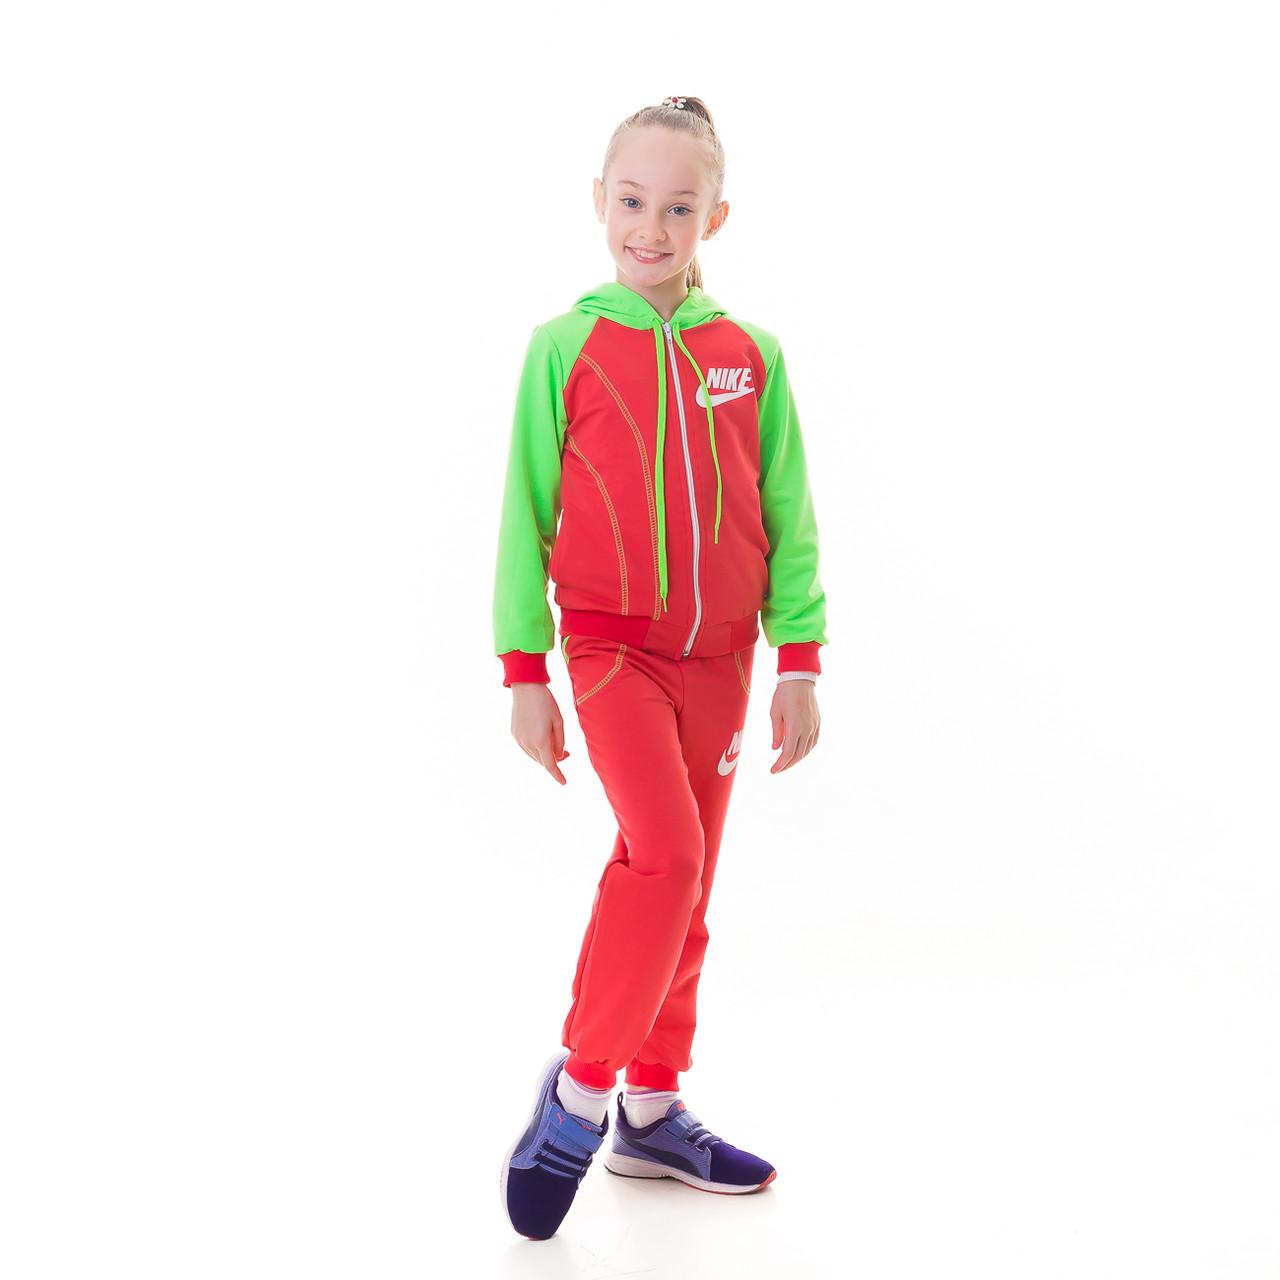 c19c09458f78 Спортивный костюм на девочку Nike - Интернет магазин детской одежды в Киеве